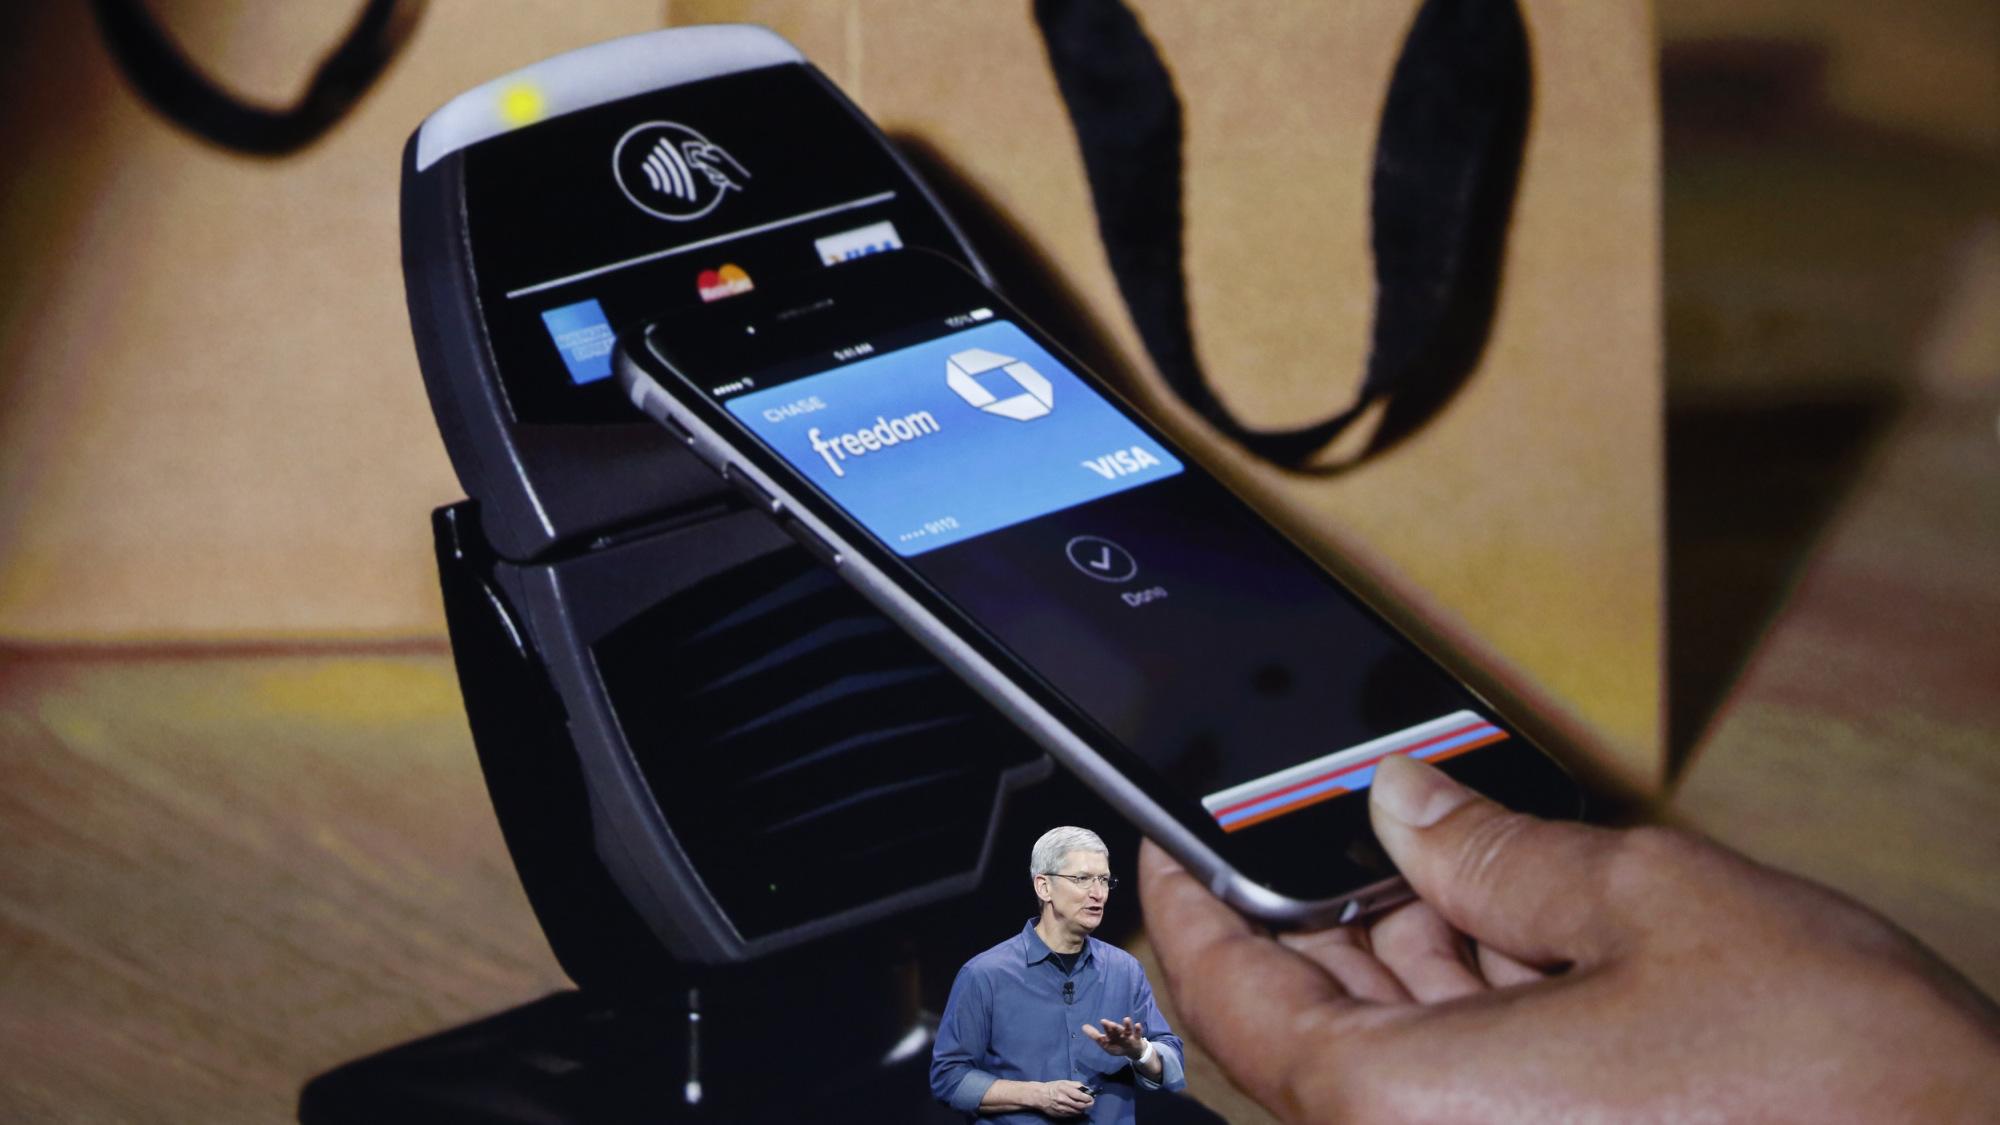 Apple Pay запускается в Гонконге с поддержкой MasterCard, Visa и American Express карт